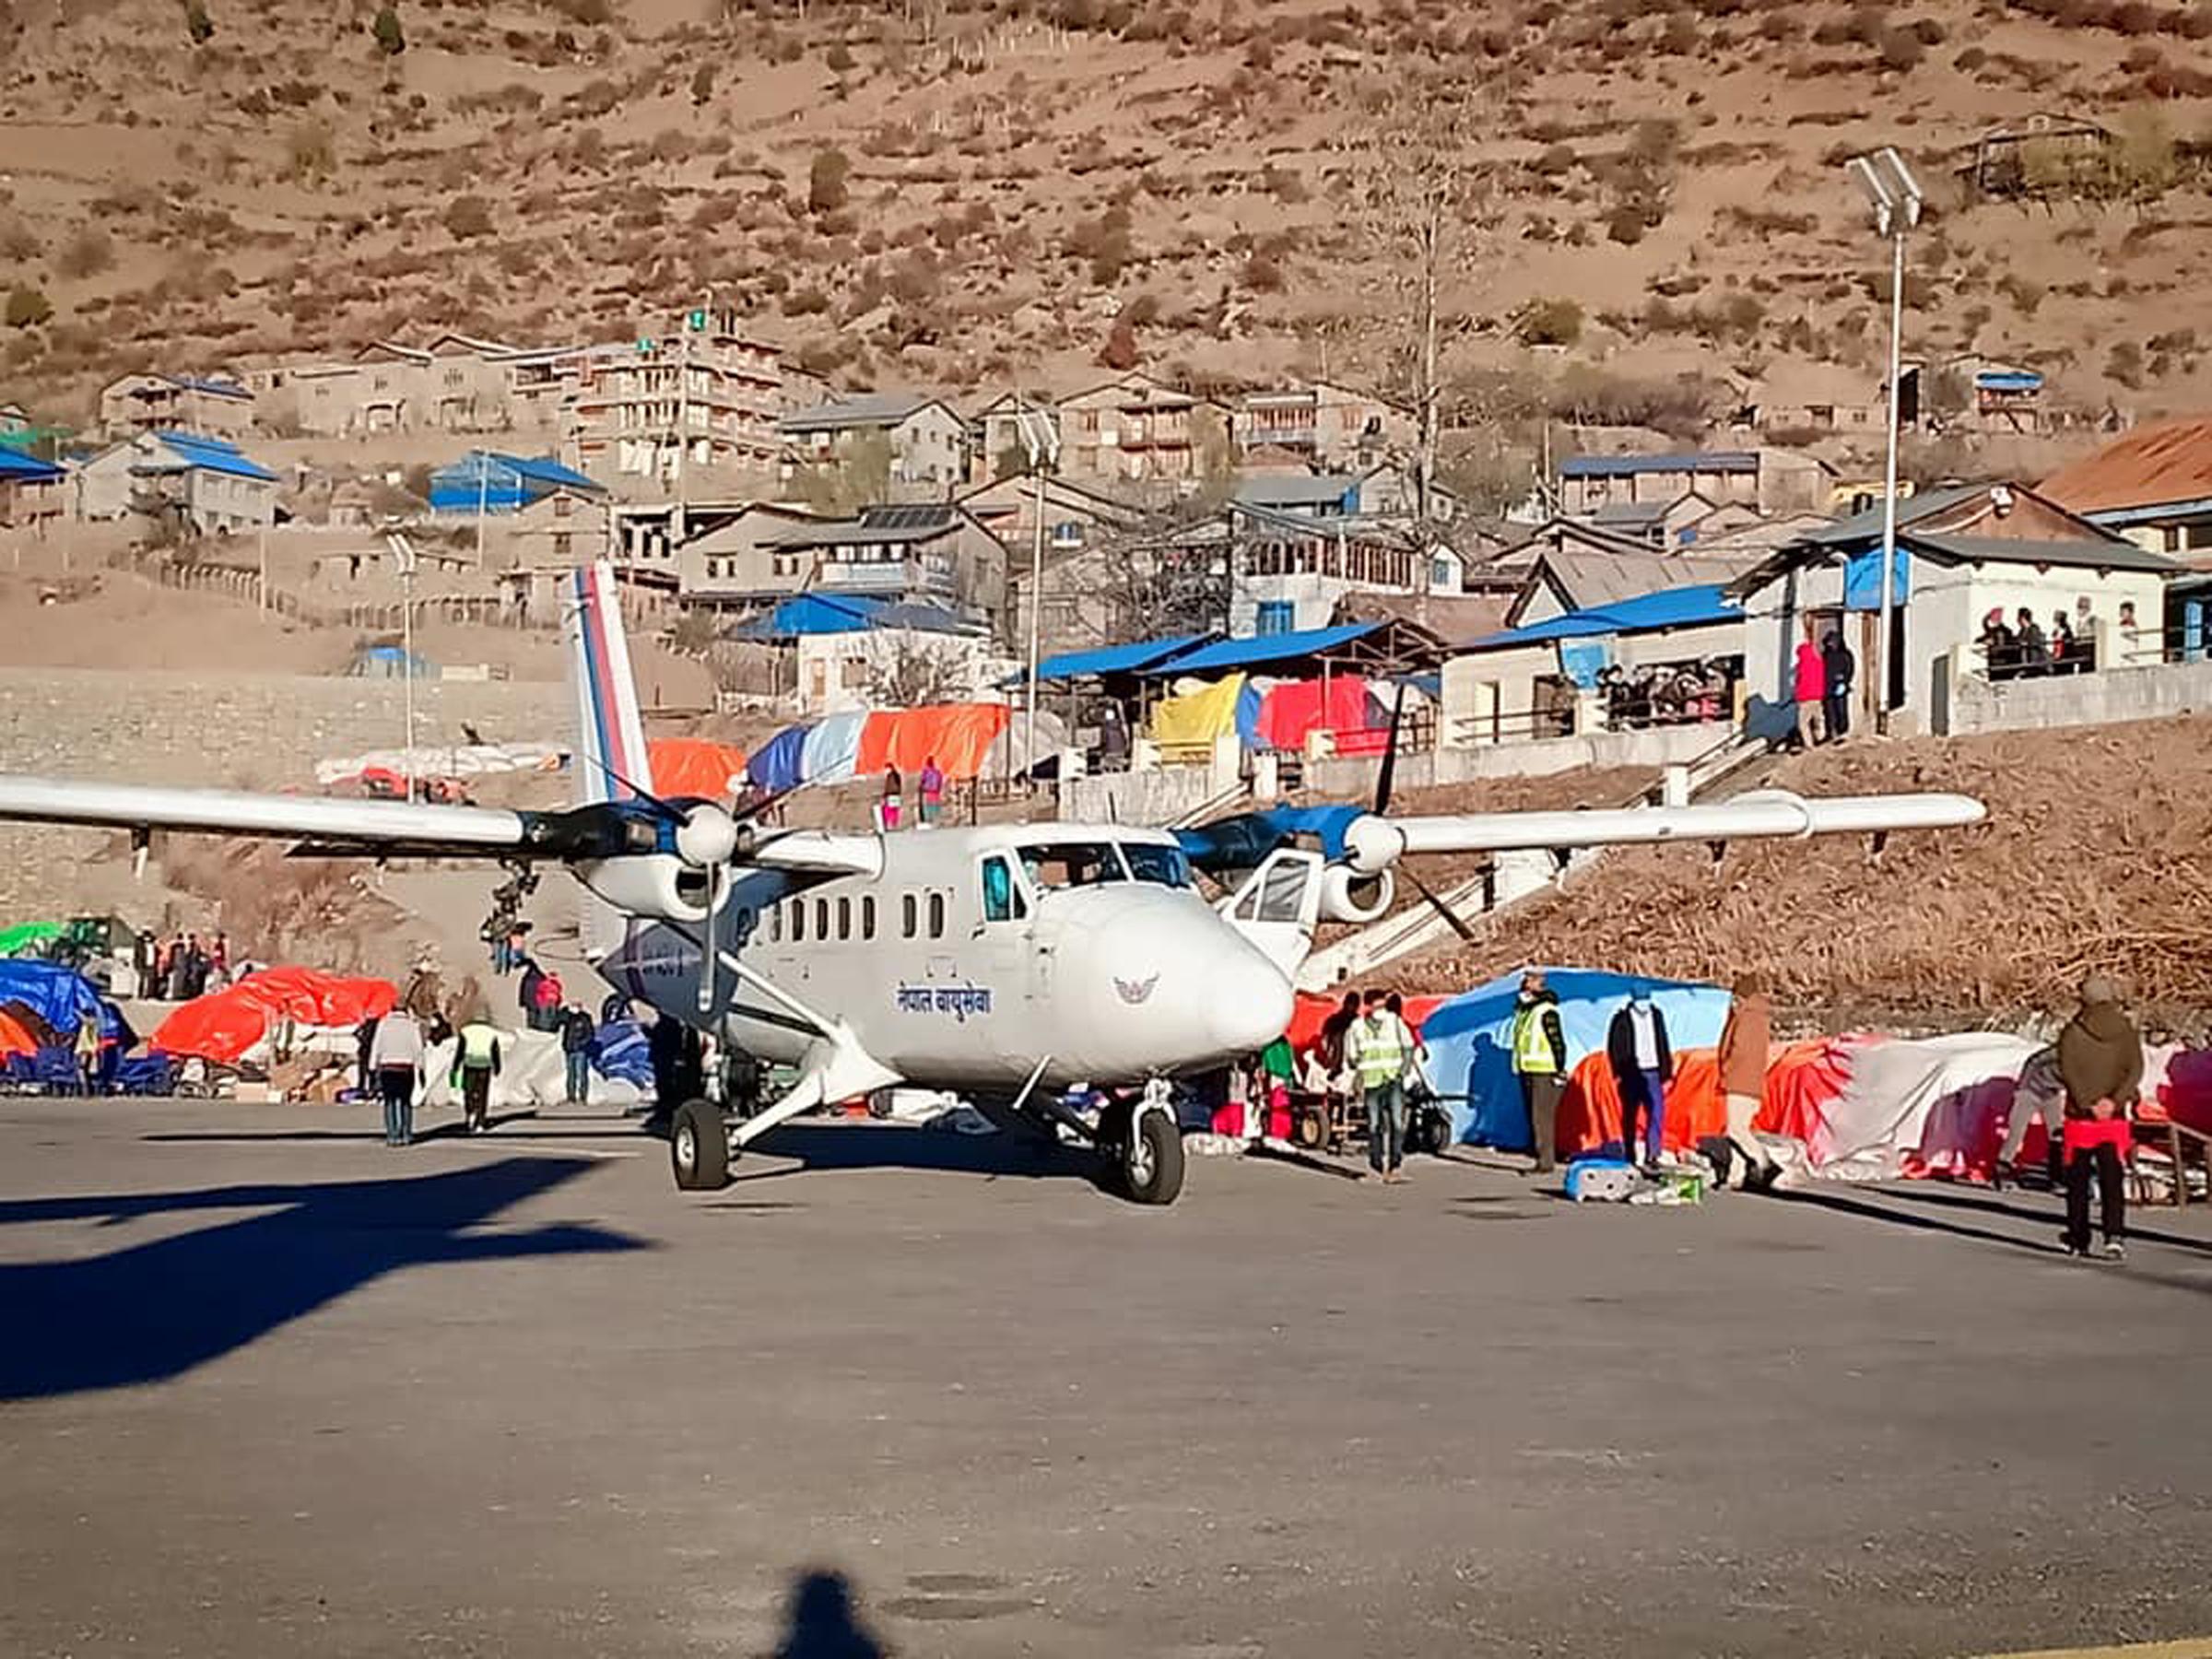 हुम्लादेखि नेपालञ्जसम्मको हवाई भाडादर घट्यो